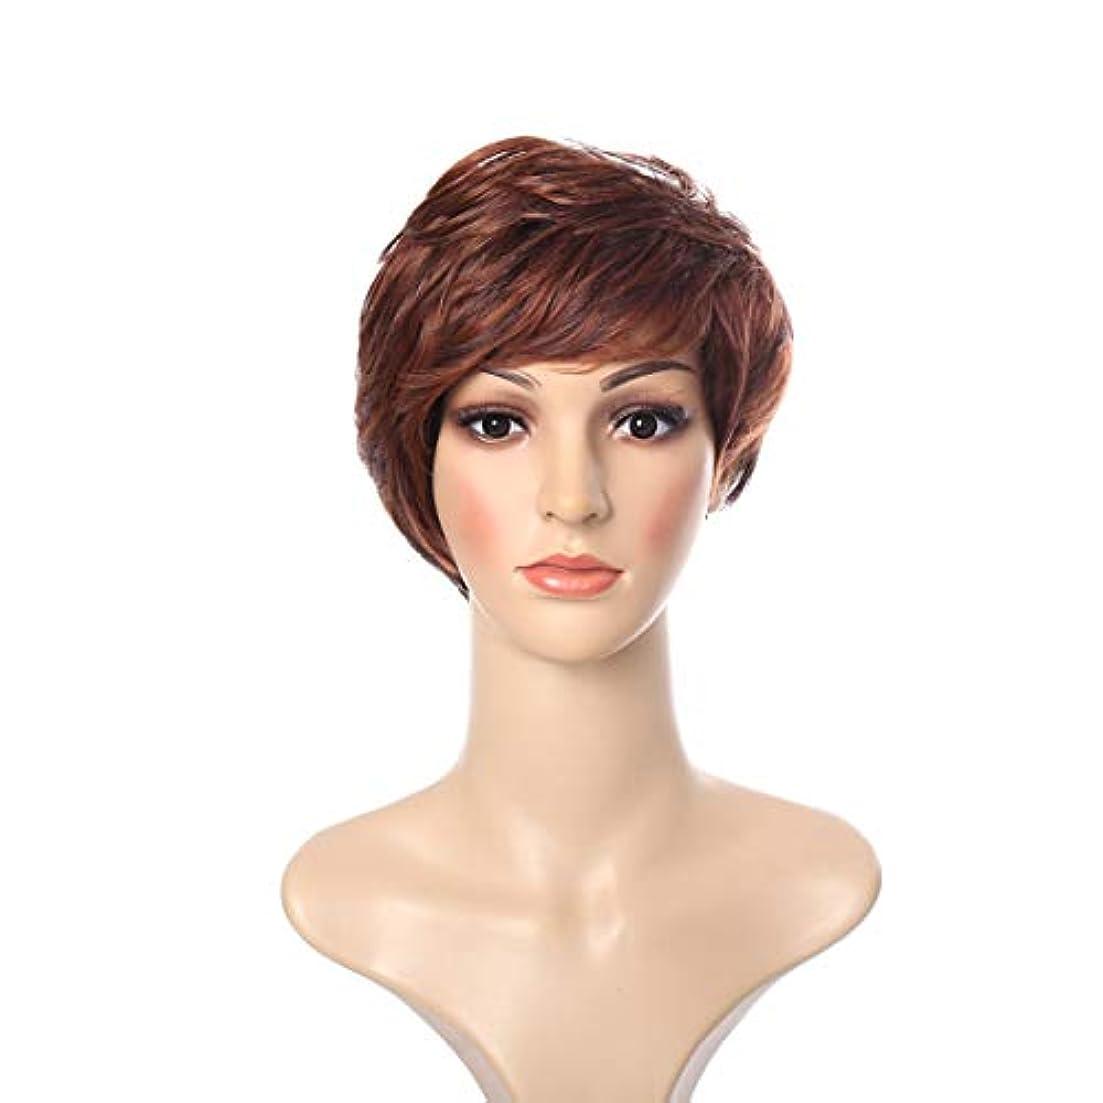 コンサート自分を引き上げる昼寝YOUQIU 女子ショートヘアカールウィッグふわふわフェイクレイヤード帽子グラデーションヨーロッパやアメリカのヘアスタイルウィッグ (色 : ブラウン)